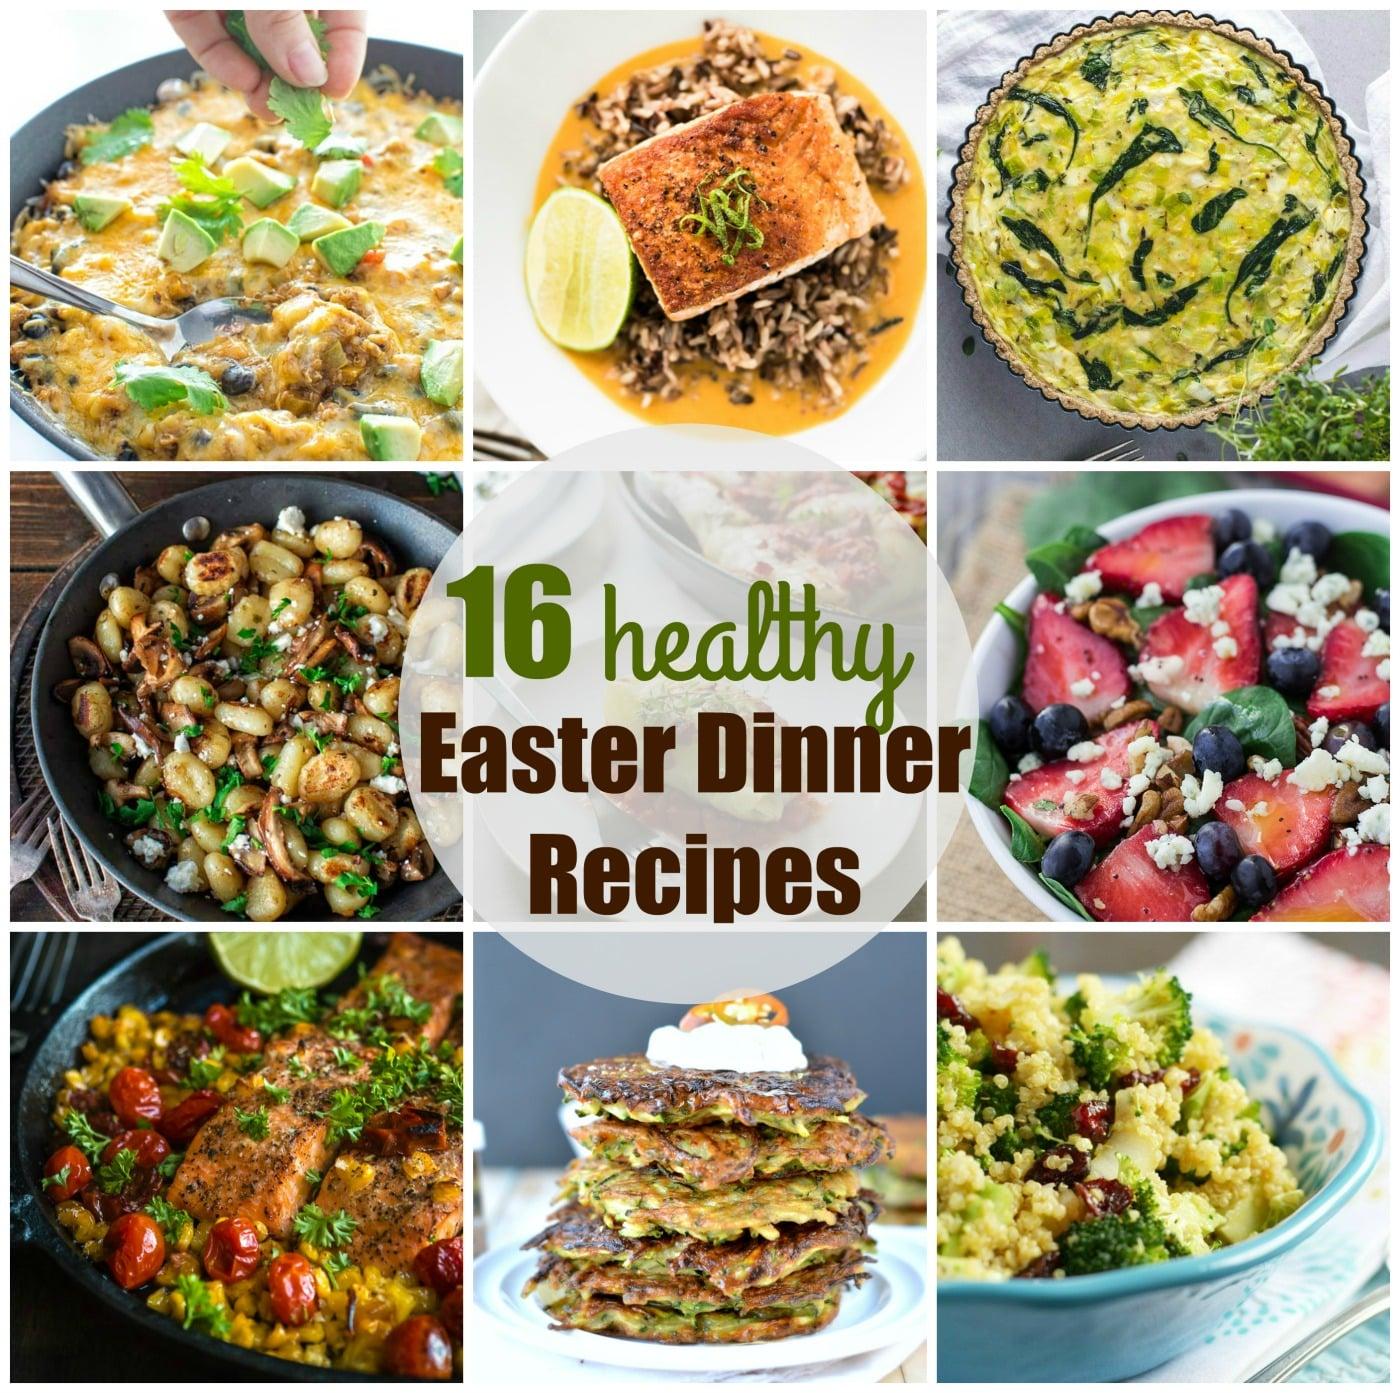 Easter dinner recipes |16 Healthy easter recipesSWEETASHONEY